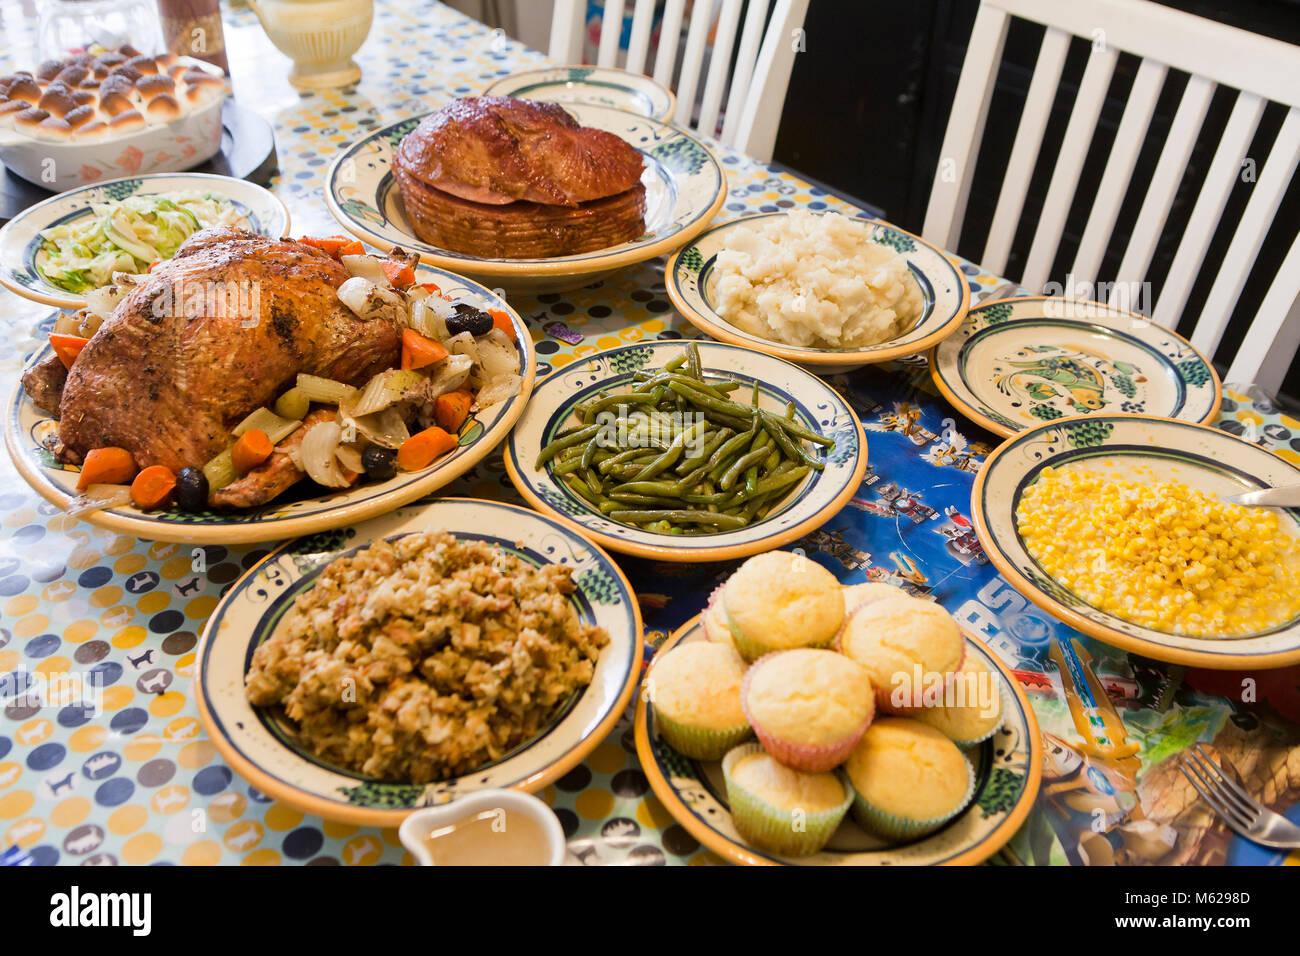 Thanksgiving Dinner Tisch - USA Stockbild